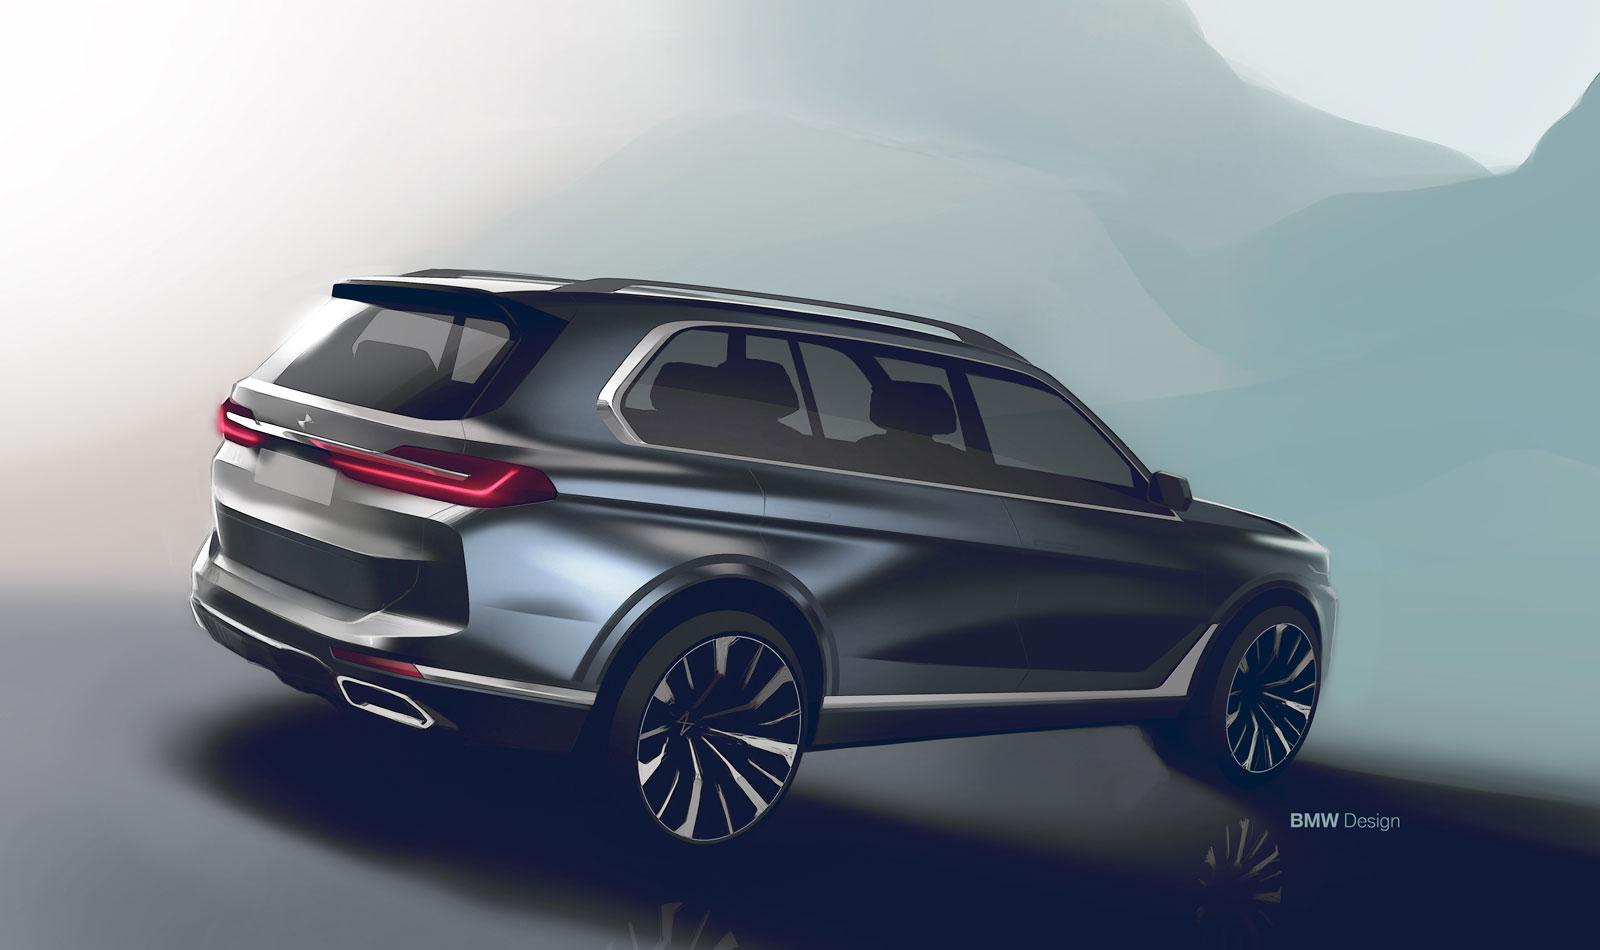 World Car Kia >> BMW X7 Design Sketch Render - Car Body Design